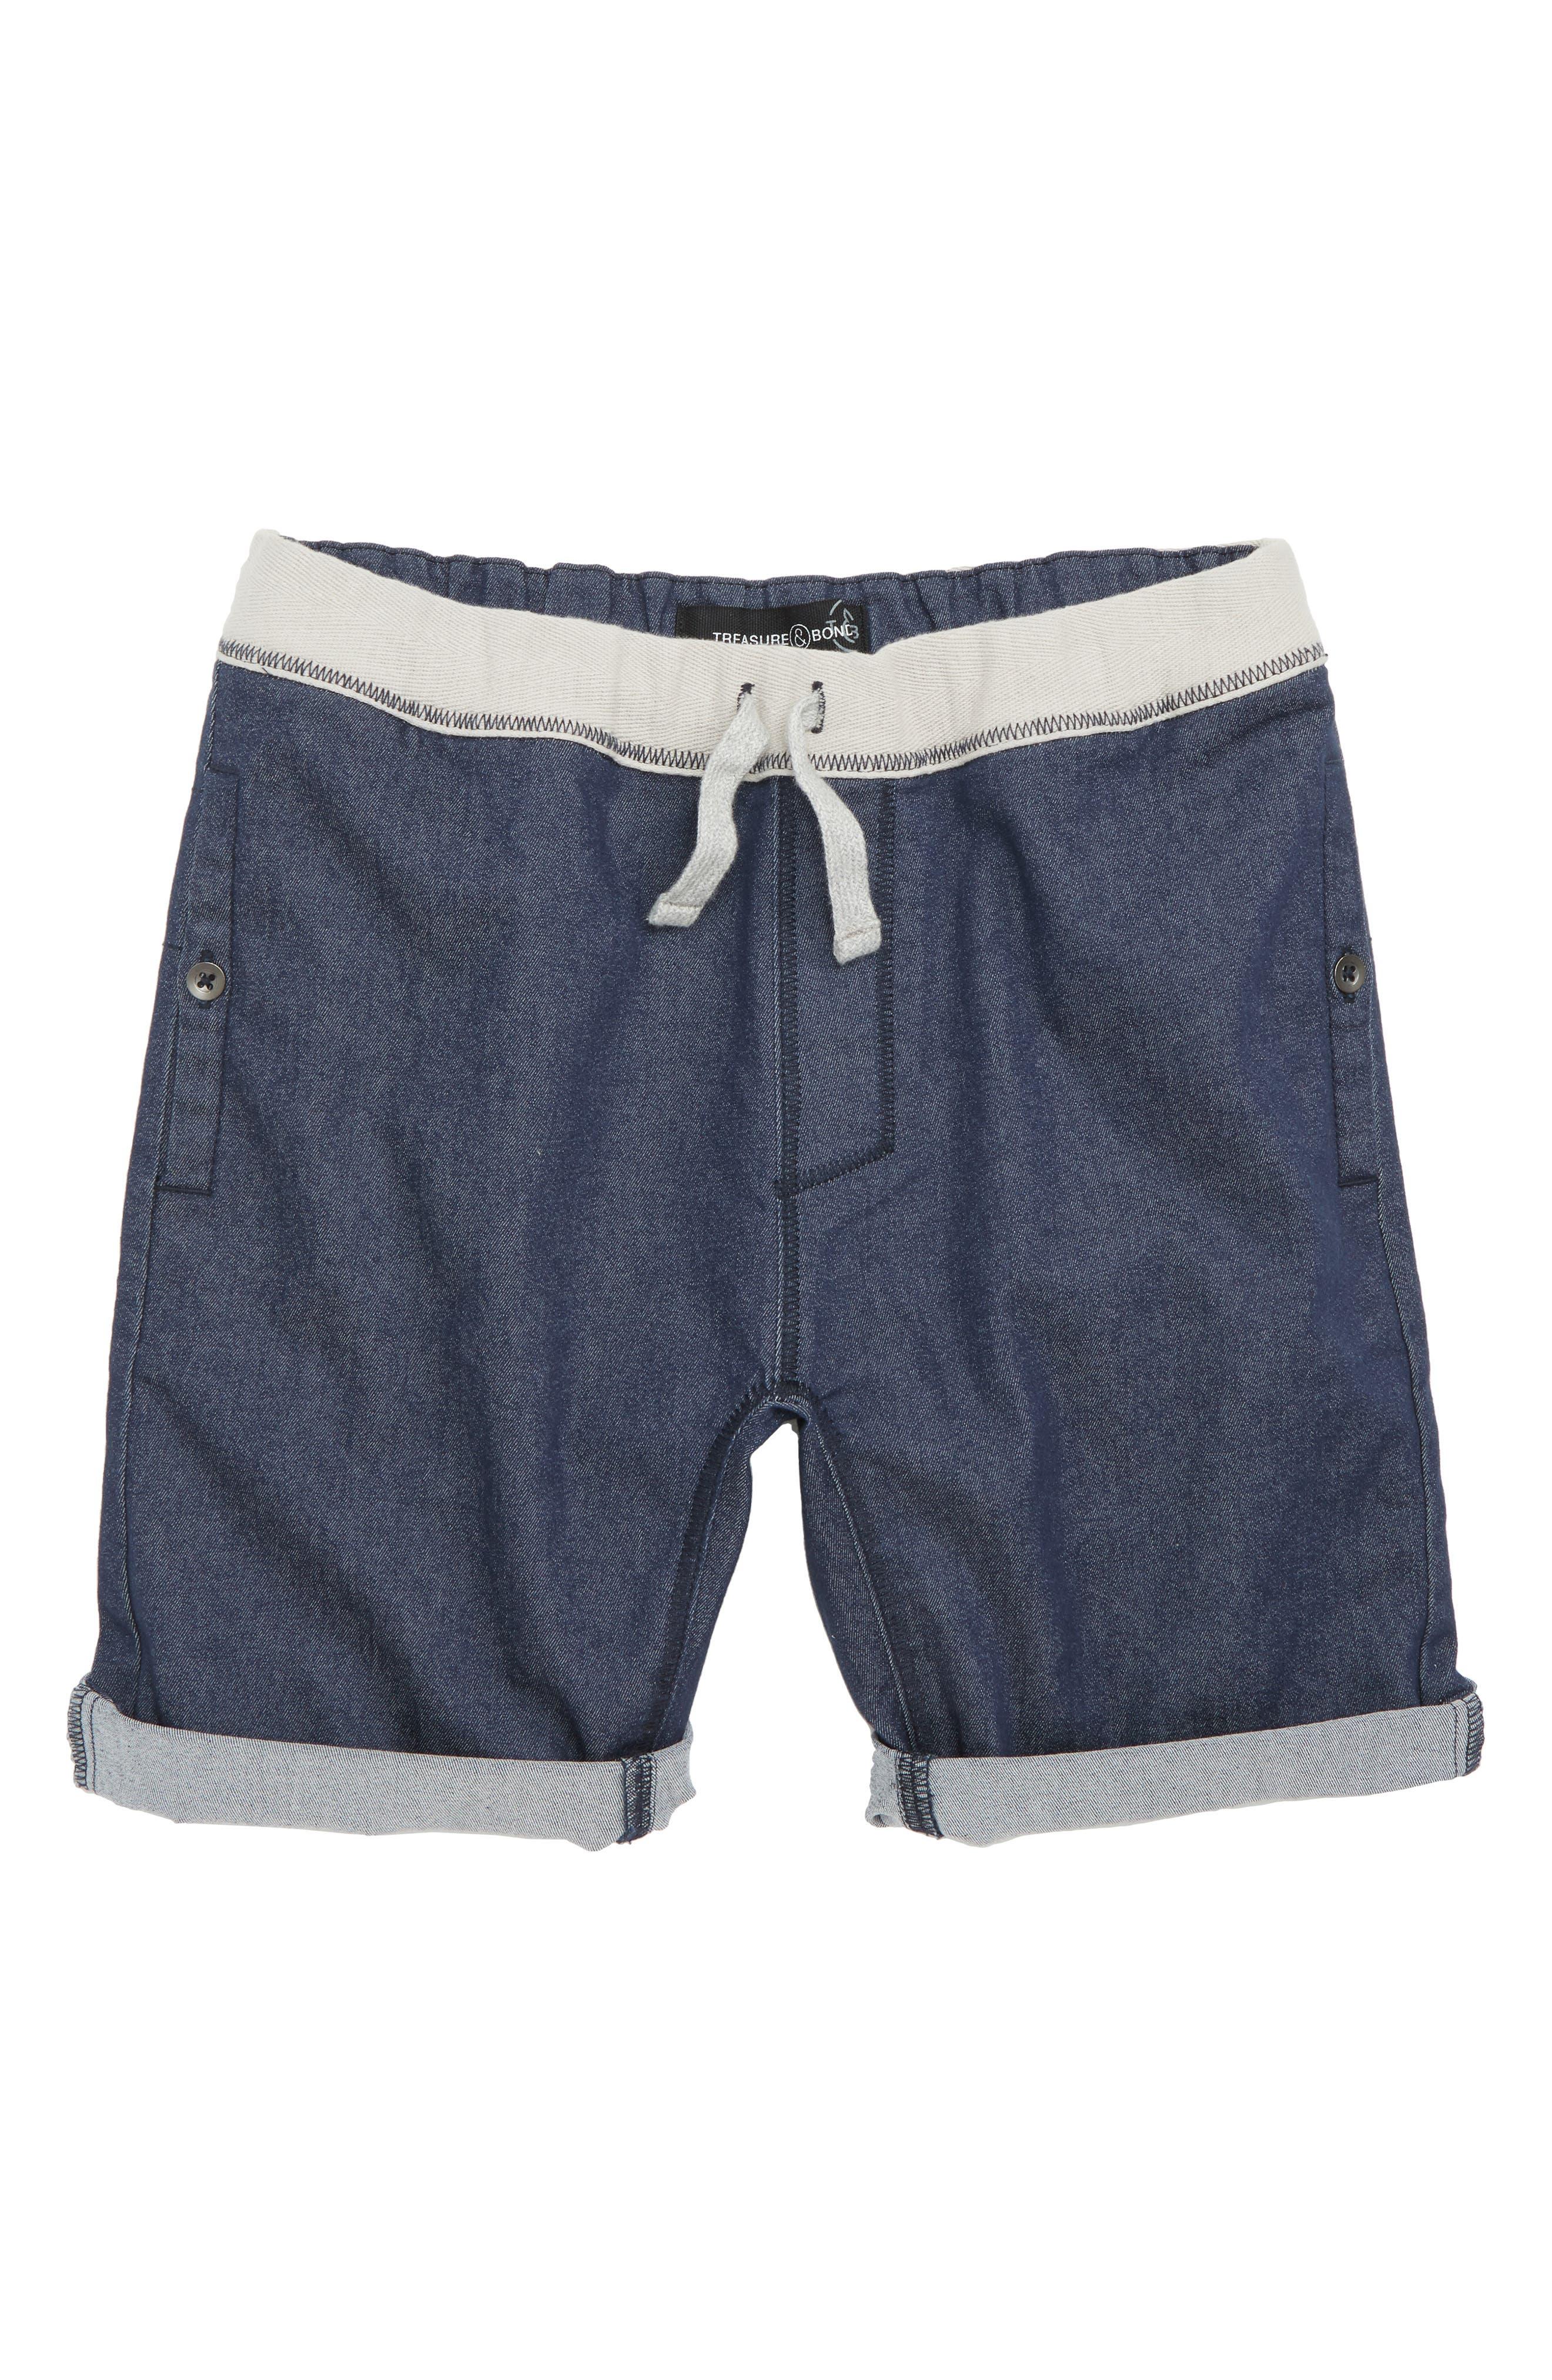 Twill Shorts,                         Main,                         color, Navy Indigo